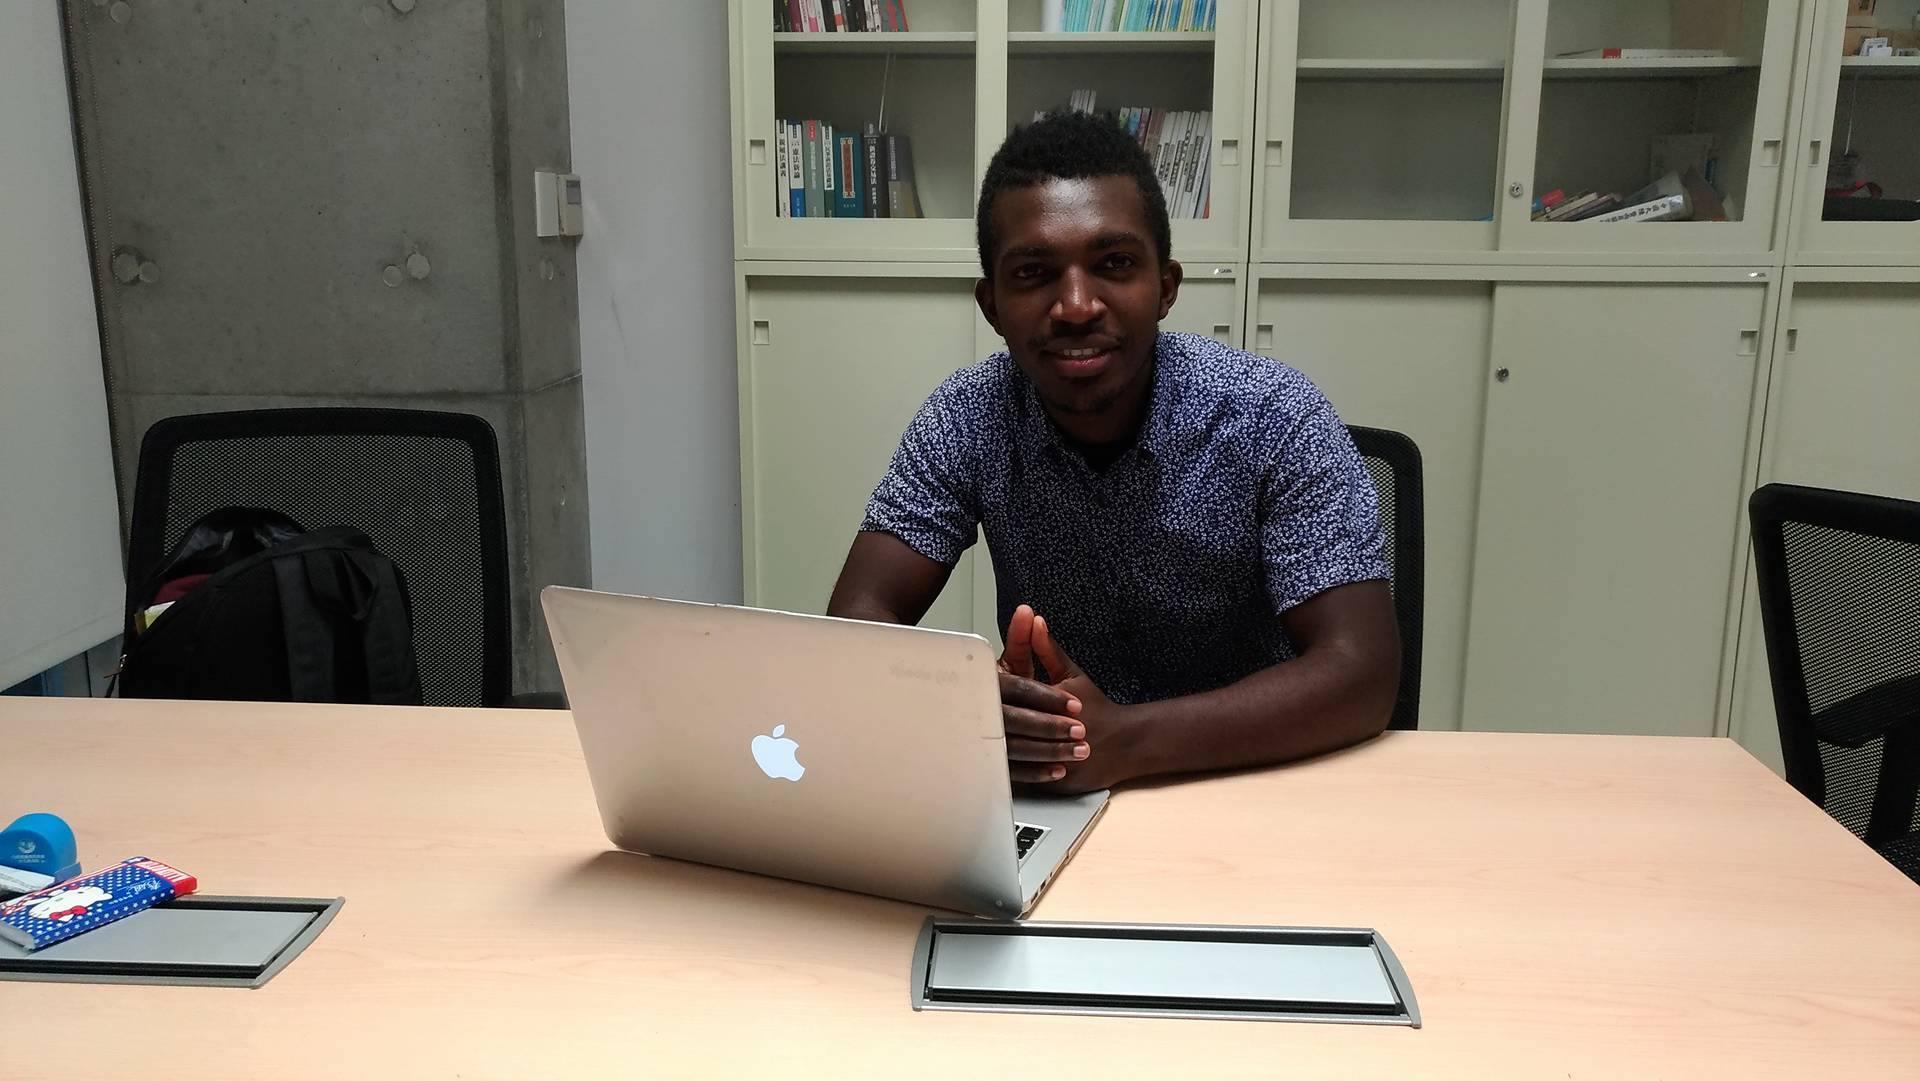 22歲的Amiel Nubaha是盧安達裔澳洲人,是就讀昆士蘭格里菲斯大學的法律與犯罪正義學位四年級學生。